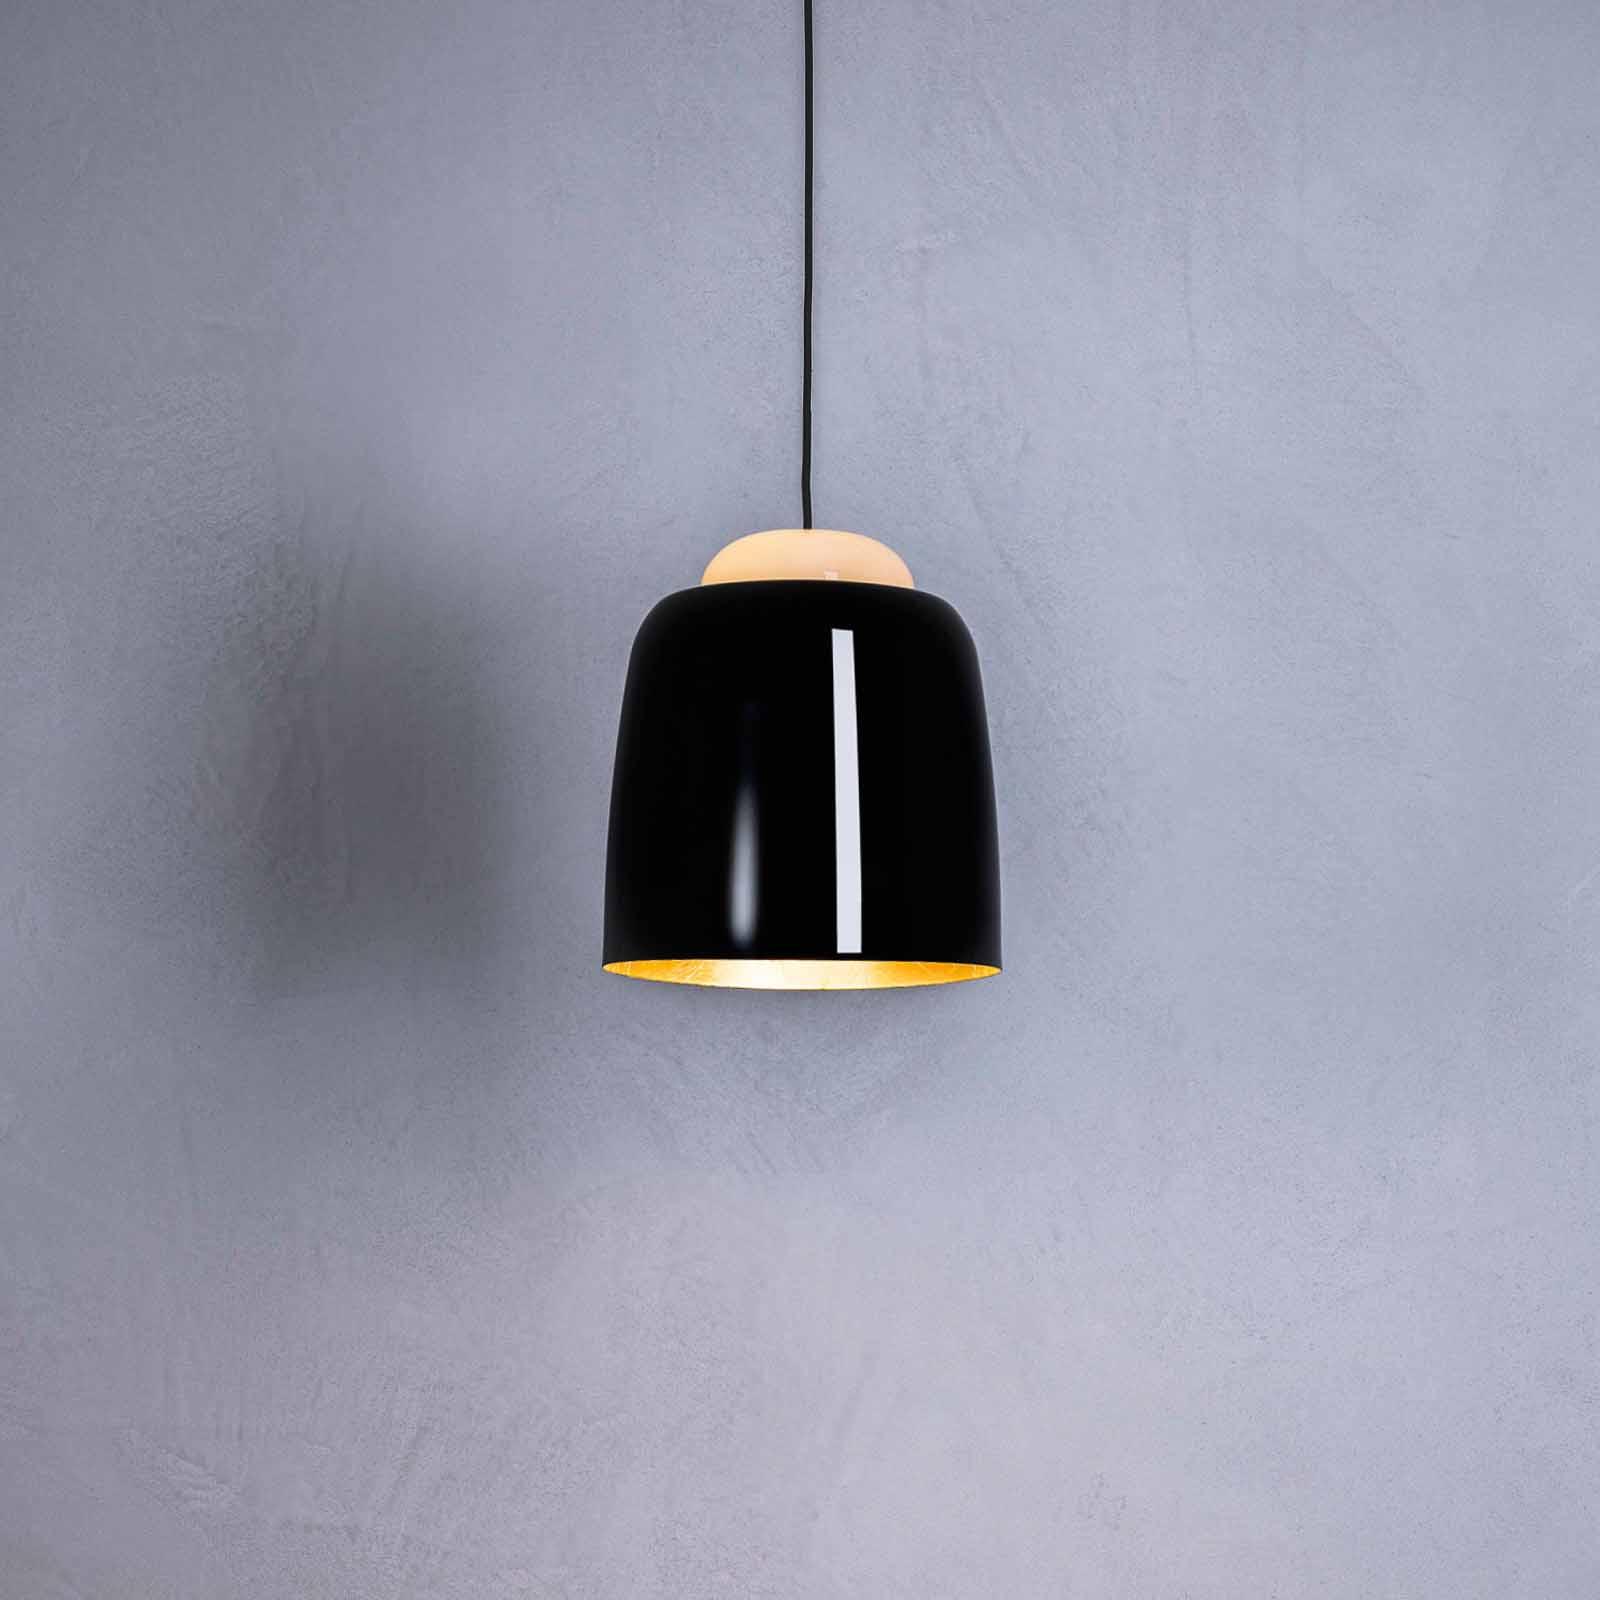 Prandina Teodora S3 Kabel schwarz/schwarz glänzend